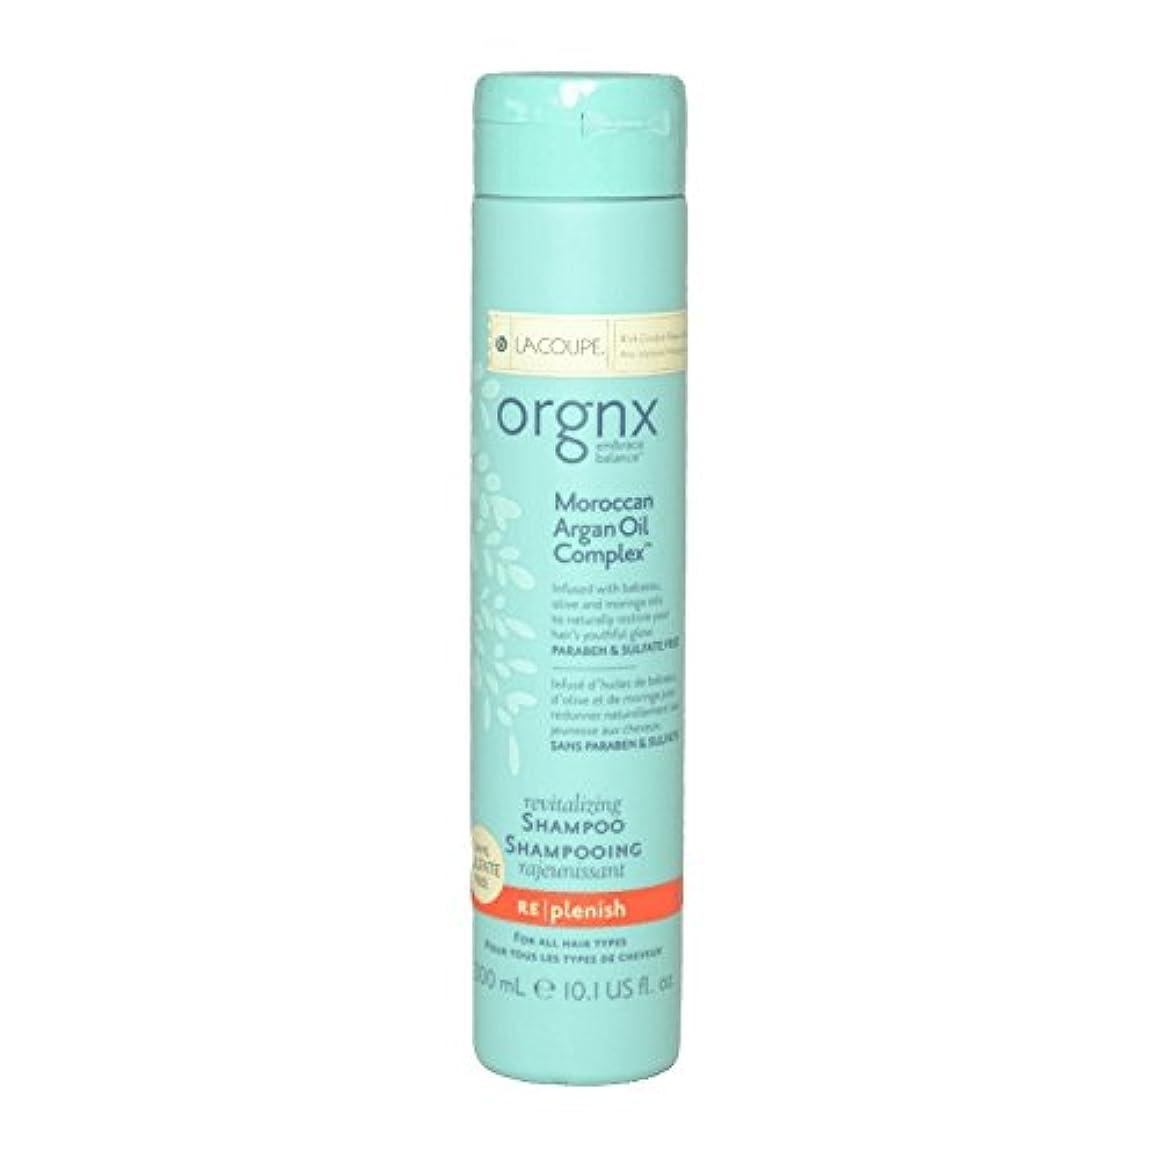 外観ぼかし失業者LaCoupe Orgnx Argan Oil Complex Revitalising Shampoo 300ml (Pack of 6) - Lacoupe Orgnxアルガンオイルの複雑なリバイタライジングシャンプー300ミリリットル (x6) [並行輸入品]